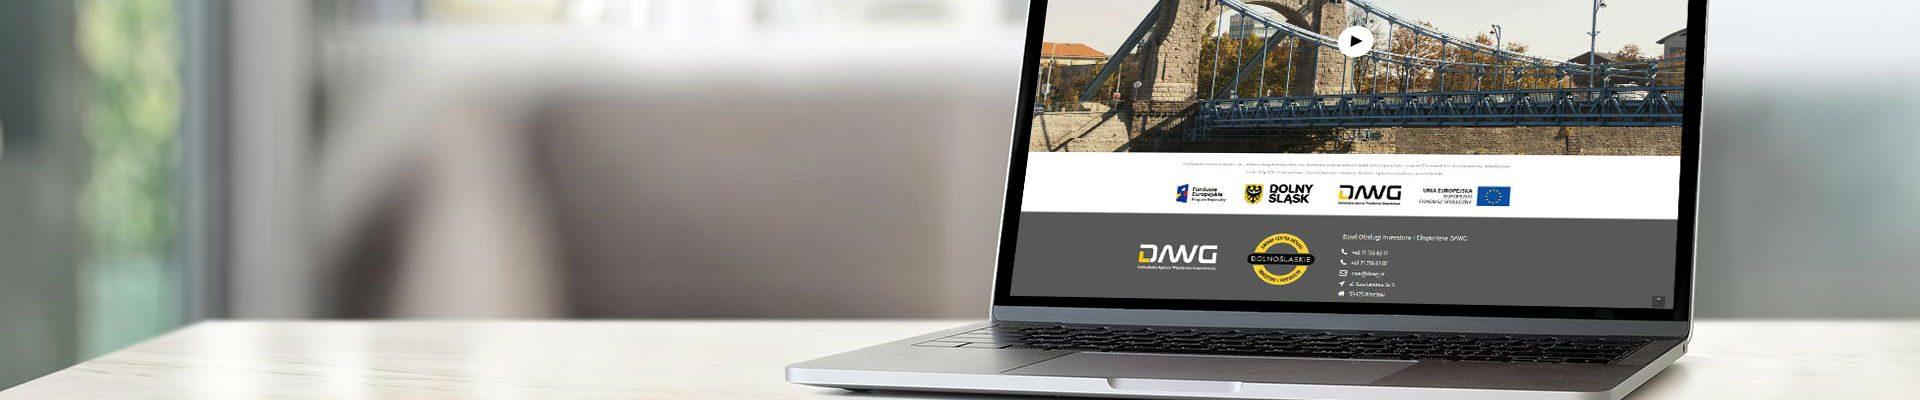 investinlowersilesia.com